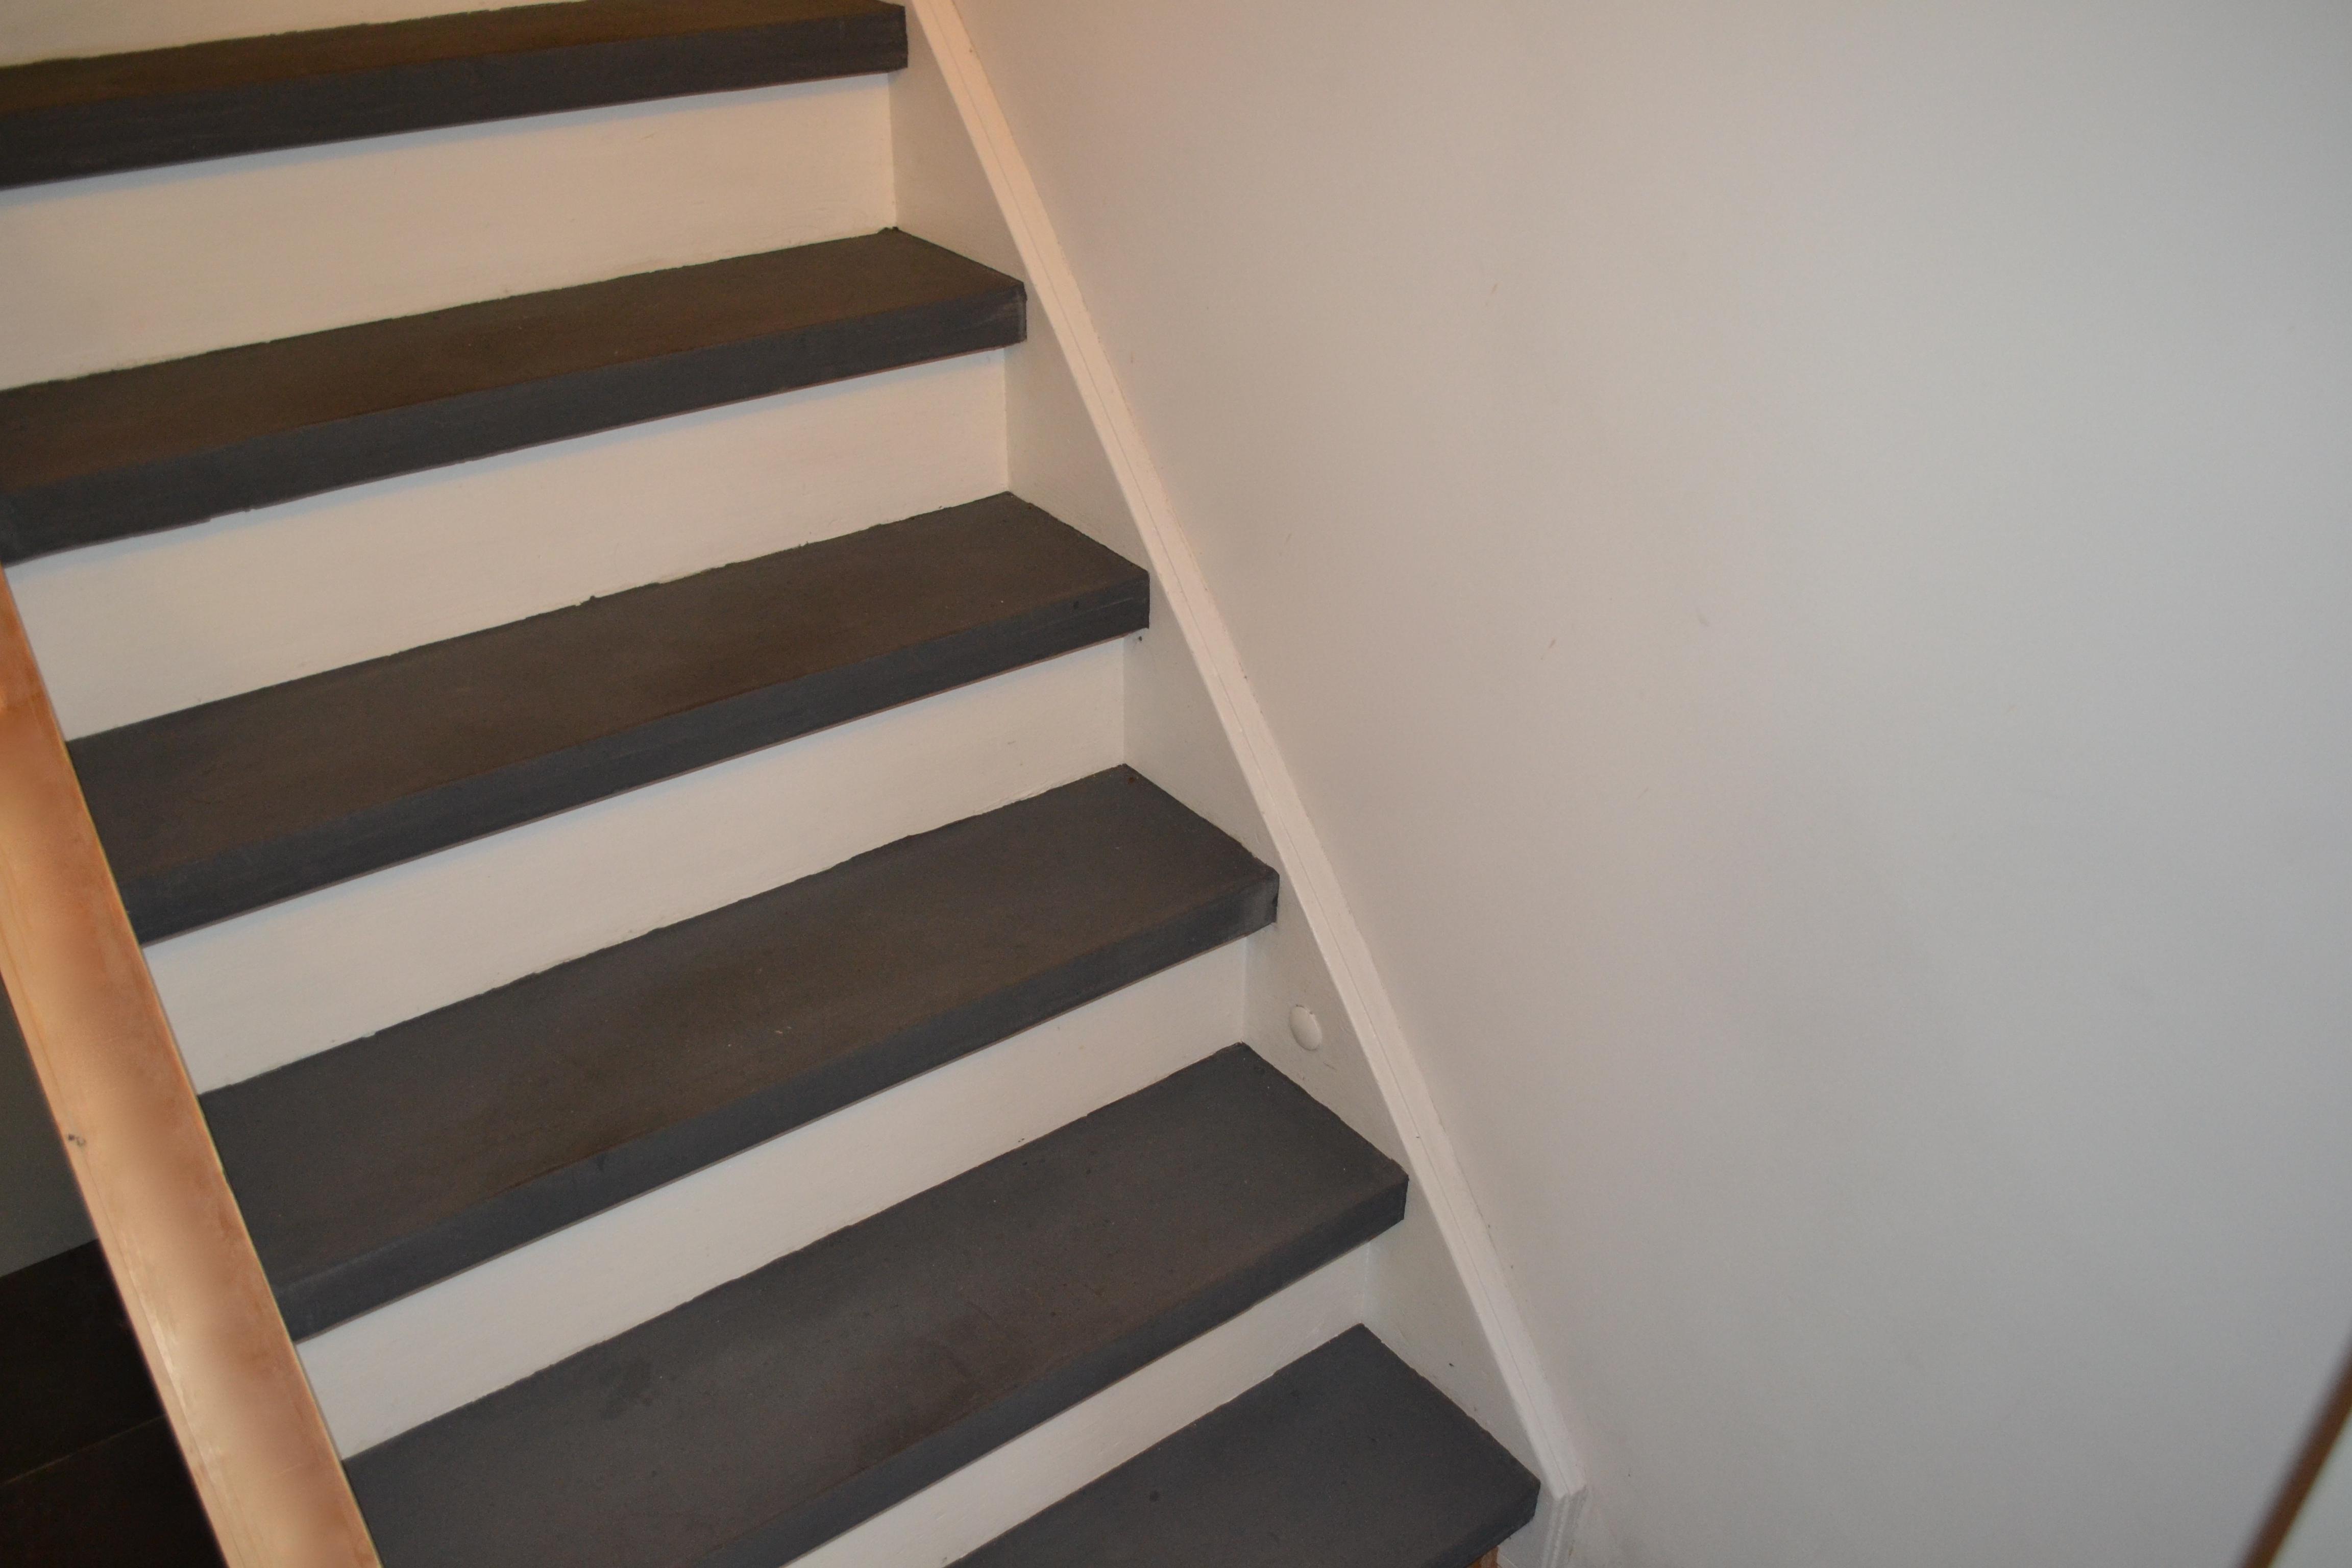 Beton cir trap beton cir centrum - Eigentijds trap beton ...